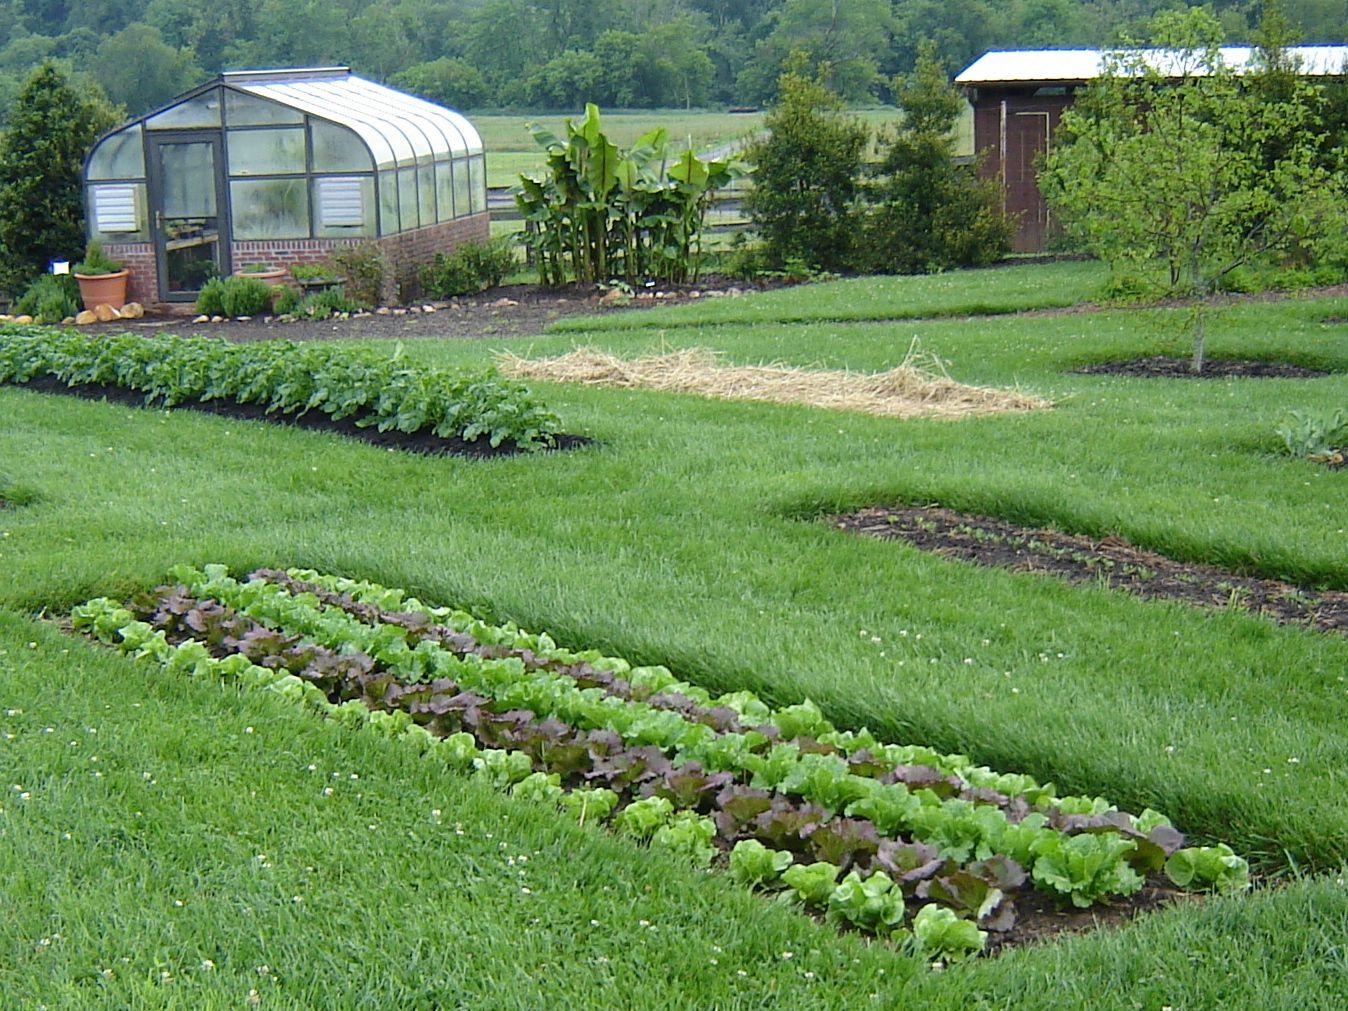 Narrow Strip Of Garden Vegetables In A Backyard Area